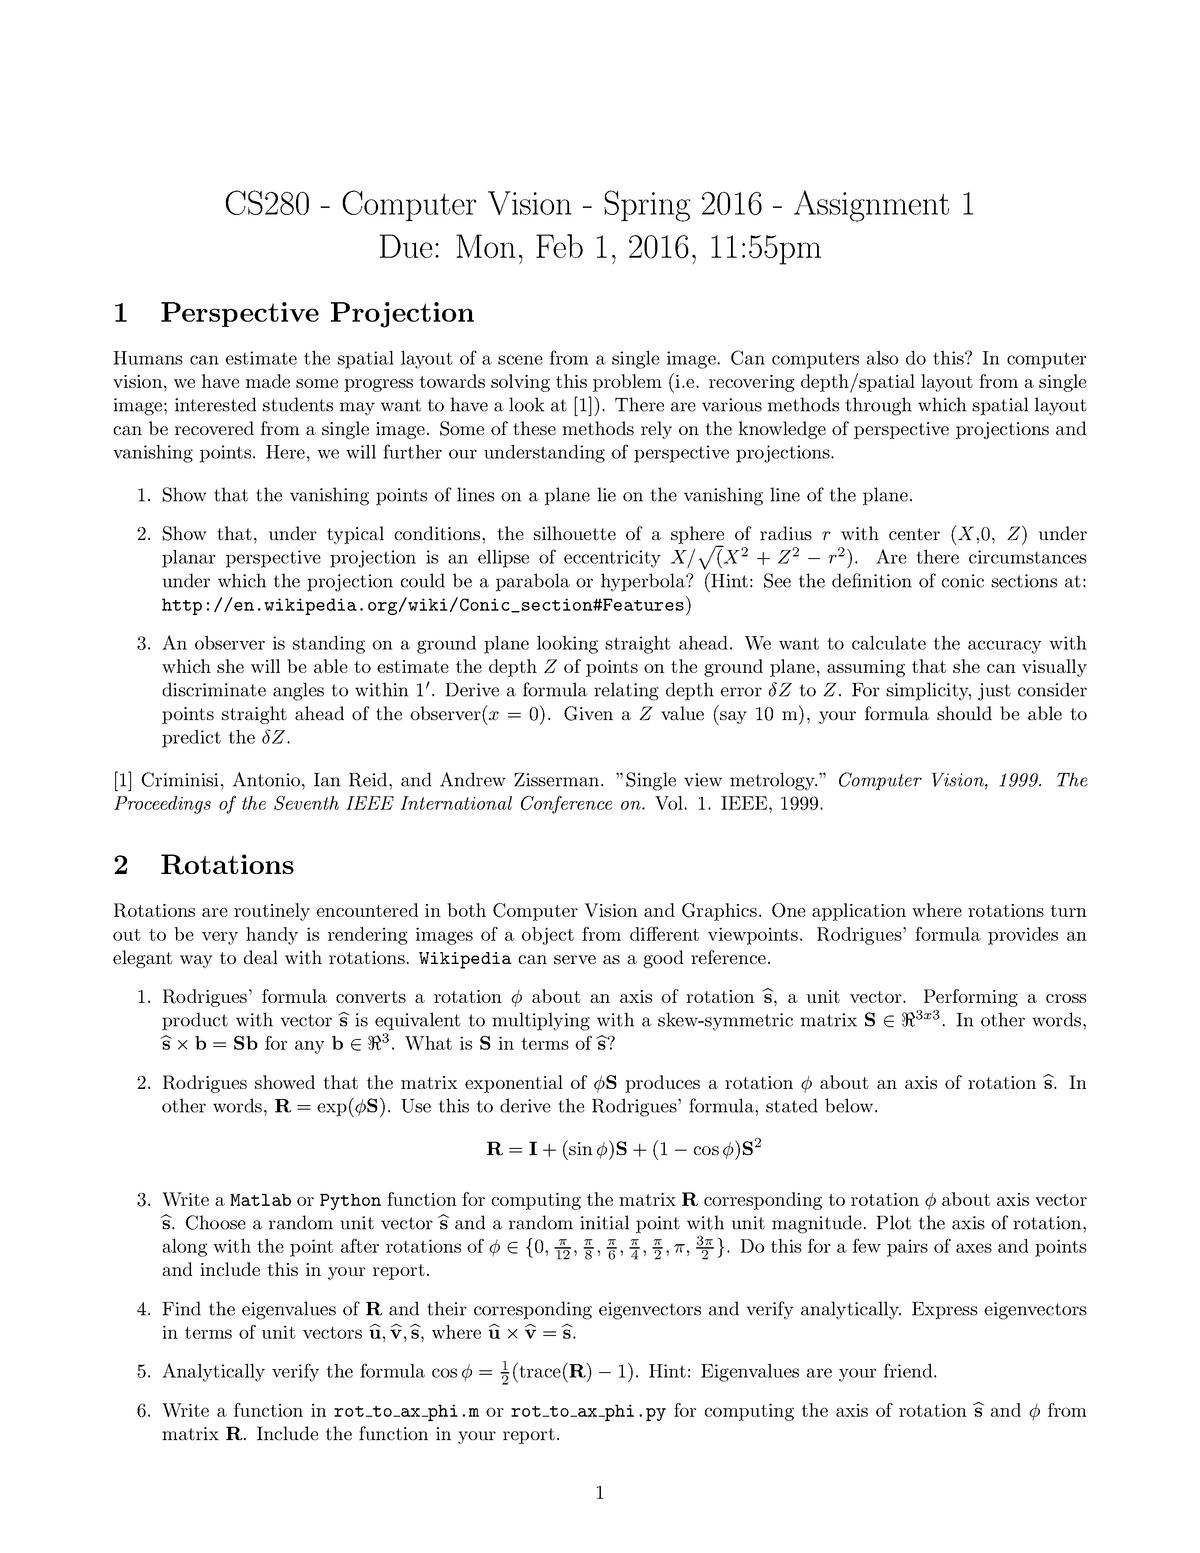 Seminar Assignments - 1-4, Questions and Solutions - COMPSCI C280